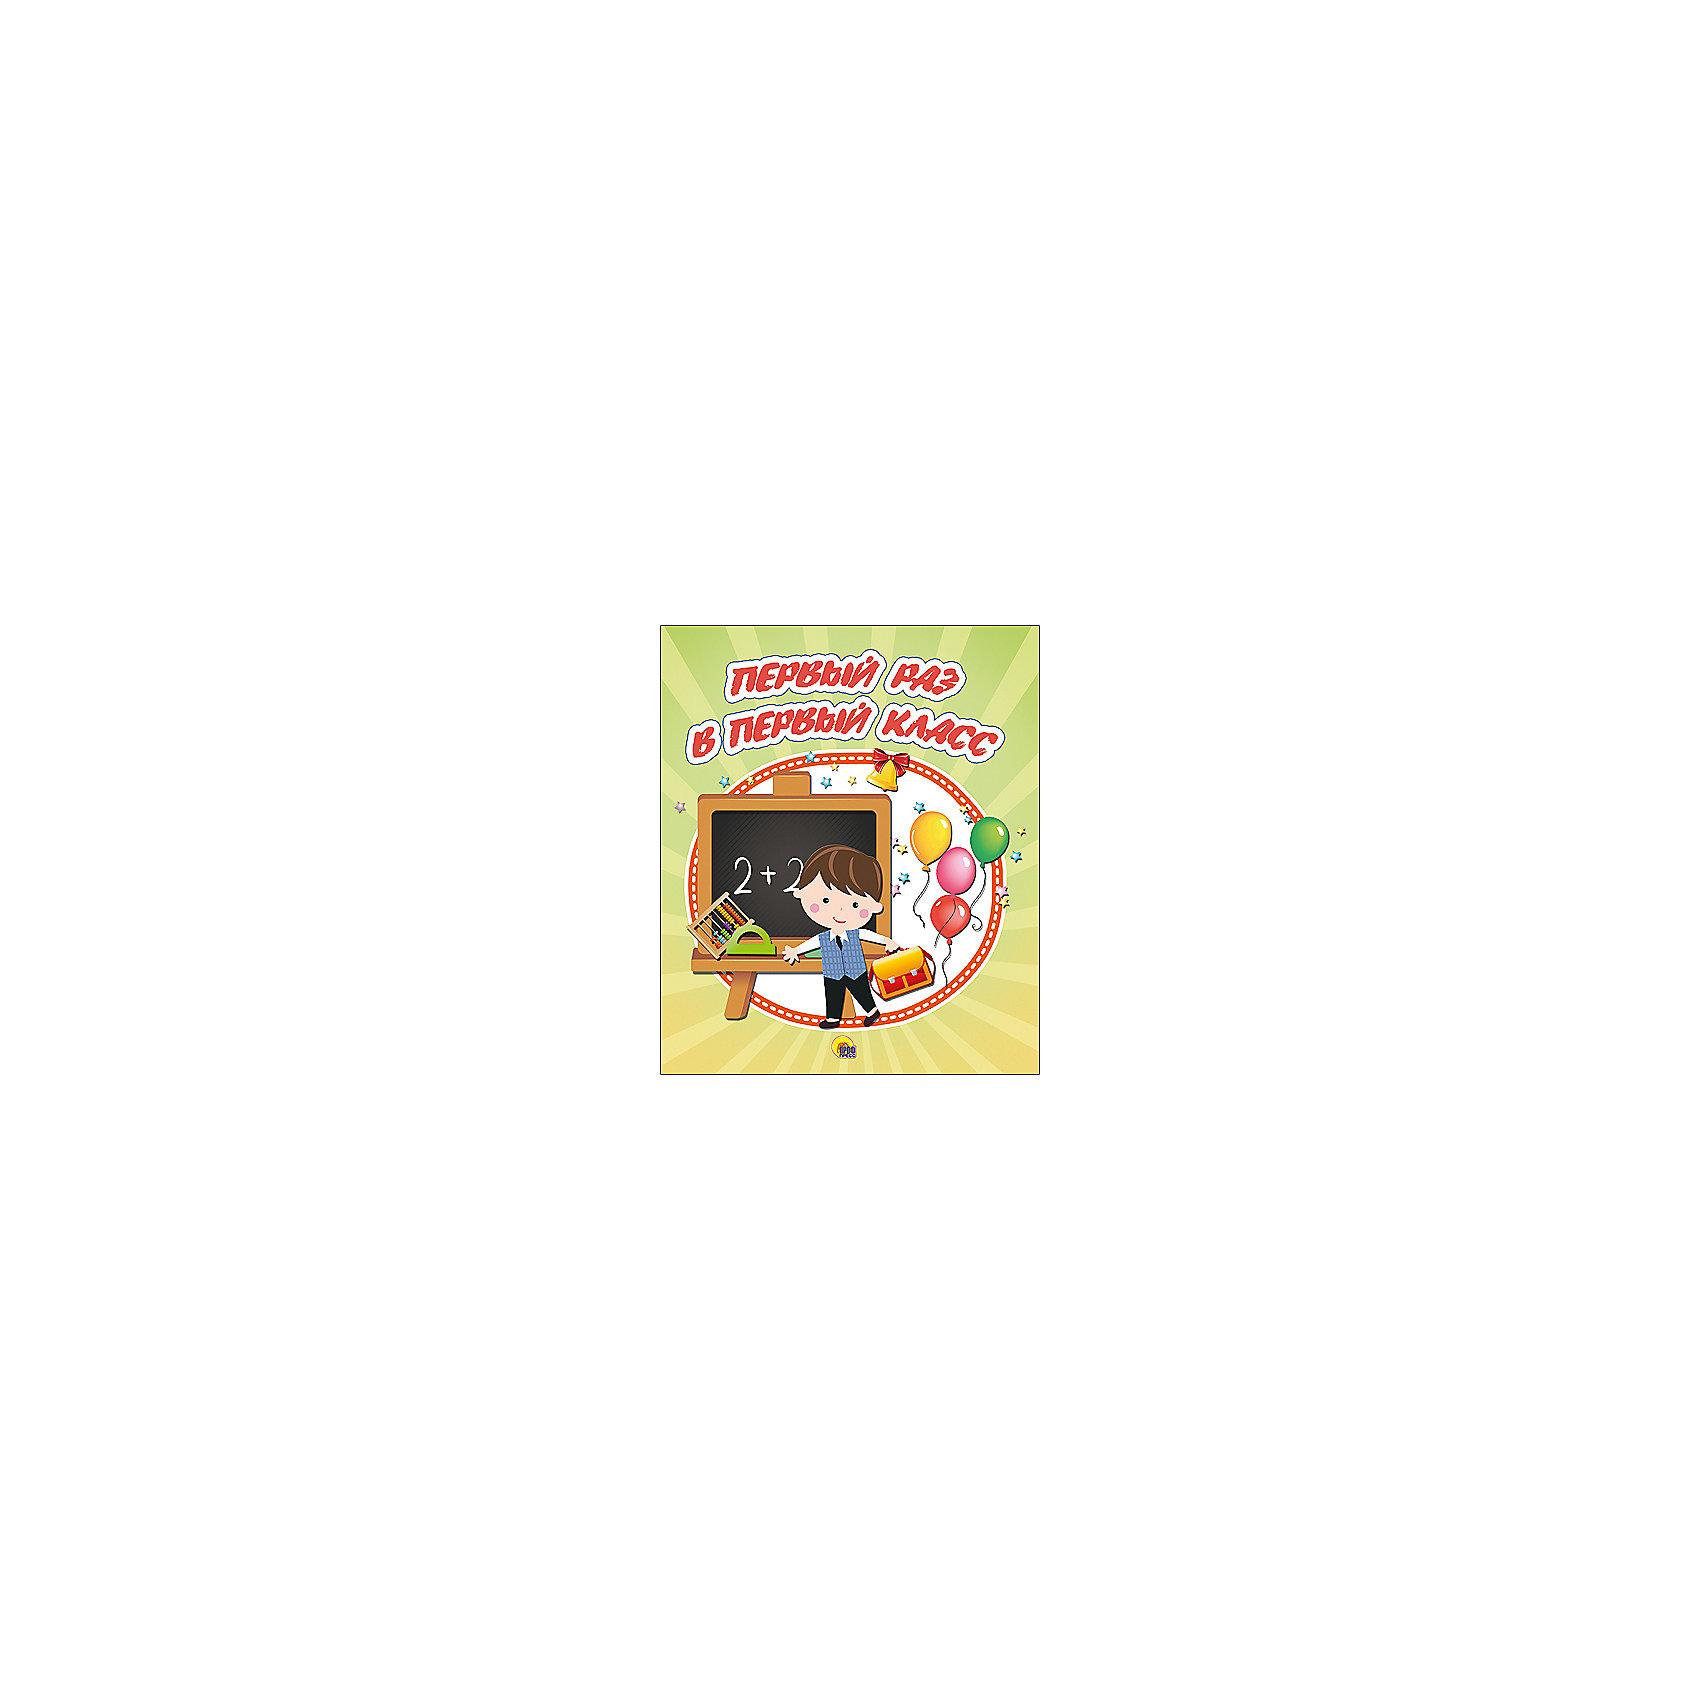 Альбом для фото Первый раз в первый классПредметы интерьера<br>Первый раз в первый класс - восхитительный альбом для фото, с помощью которого ребенок сможет сохранить самые забавные и приятные школьные воспоминания. В альбоме есть специальные рамочки для фотографий и дополнительные странички для комментариев.  С таким замечательным альбомом ребенок всегда будет вспоминать о школе с радостью!<br>Дополнительная информация:<br>Издательство: Проф-Пресс<br>Год выпуска: 2016<br>Обложка: твердый переплет<br>Иллюстрации: цветные<br>Количество страниц: 48<br>ISBN:978-5-378-25181-0<br>Размер: 21,5х0,8х23 см<br>Вес: 370 грамм<br>Альбом Первый раз в первый класс можно приобрести в нашем интернет-магазине.<br><br>Ширина мм: 230<br>Глубина мм: 8<br>Высота мм: 215<br>Вес г: 370<br>Возраст от месяцев: 0<br>Возраст до месяцев: 36<br>Пол: Унисекс<br>Возраст: Детский<br>SKU: 4905887